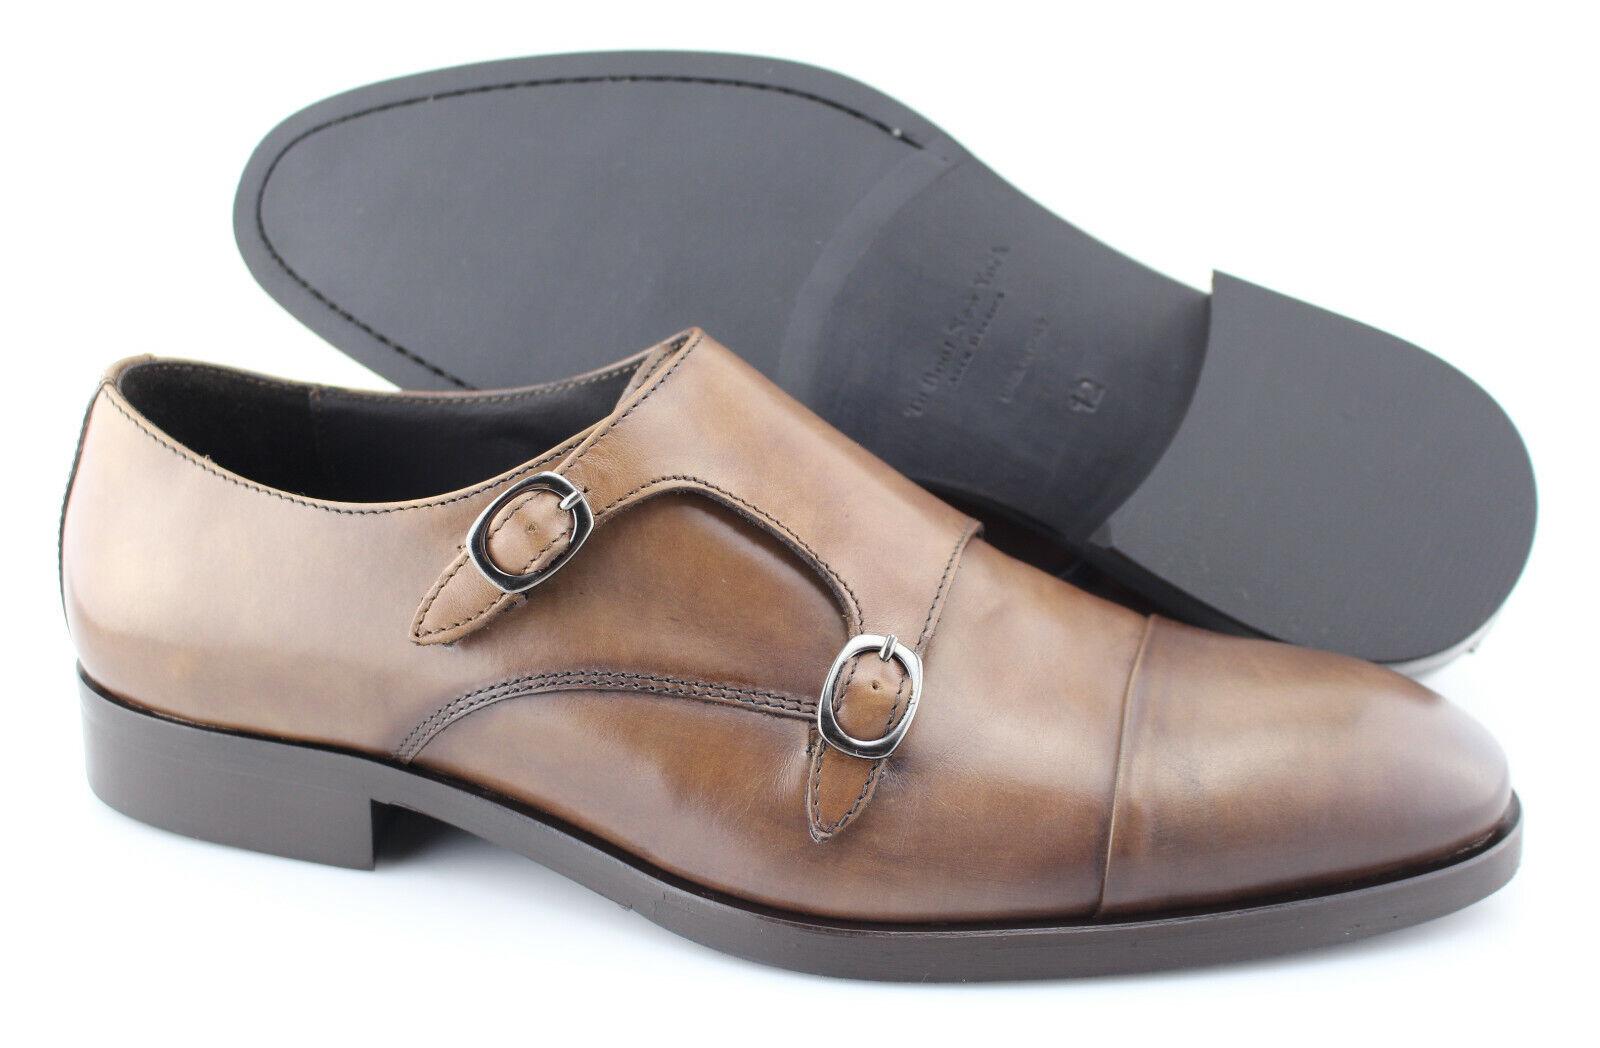 compra meglio Uomo TO avvio NEW YORK 'Koning' Marrone Marrone Marrone Leather Monk Strap Loafers Dimensione US 12 - D  80% di sconto